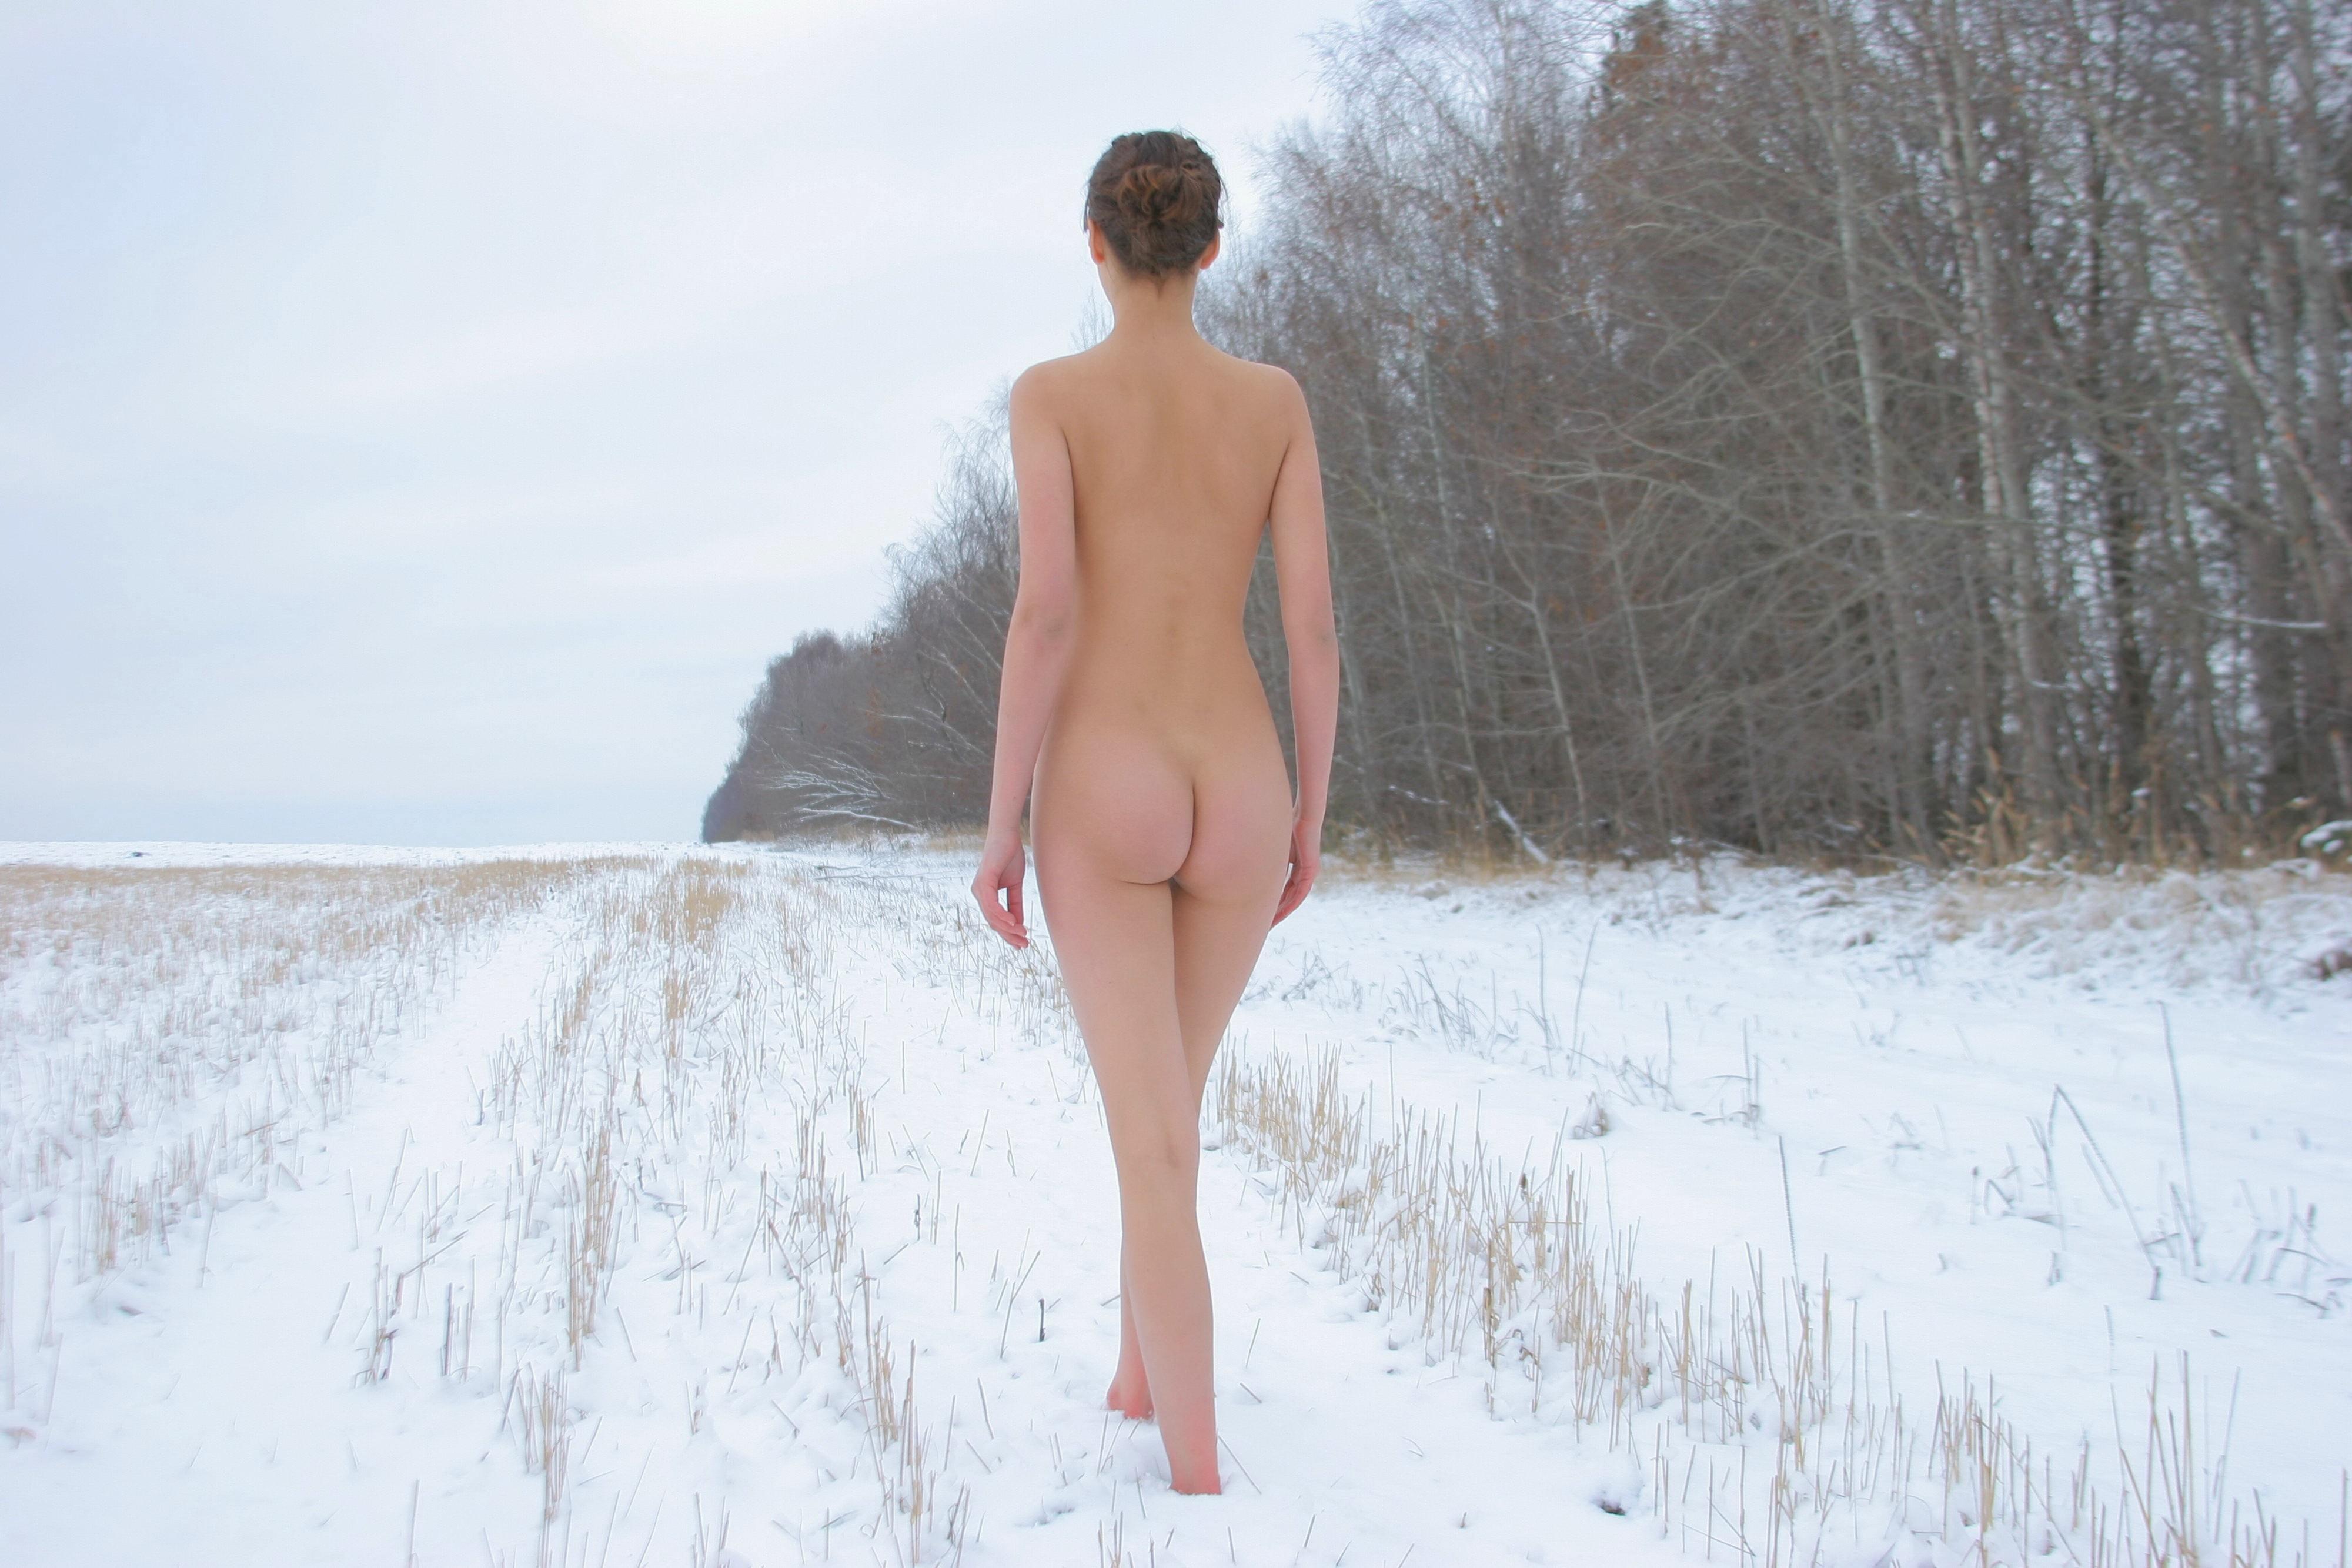 Фото девушек голышом зимой 5 фотография